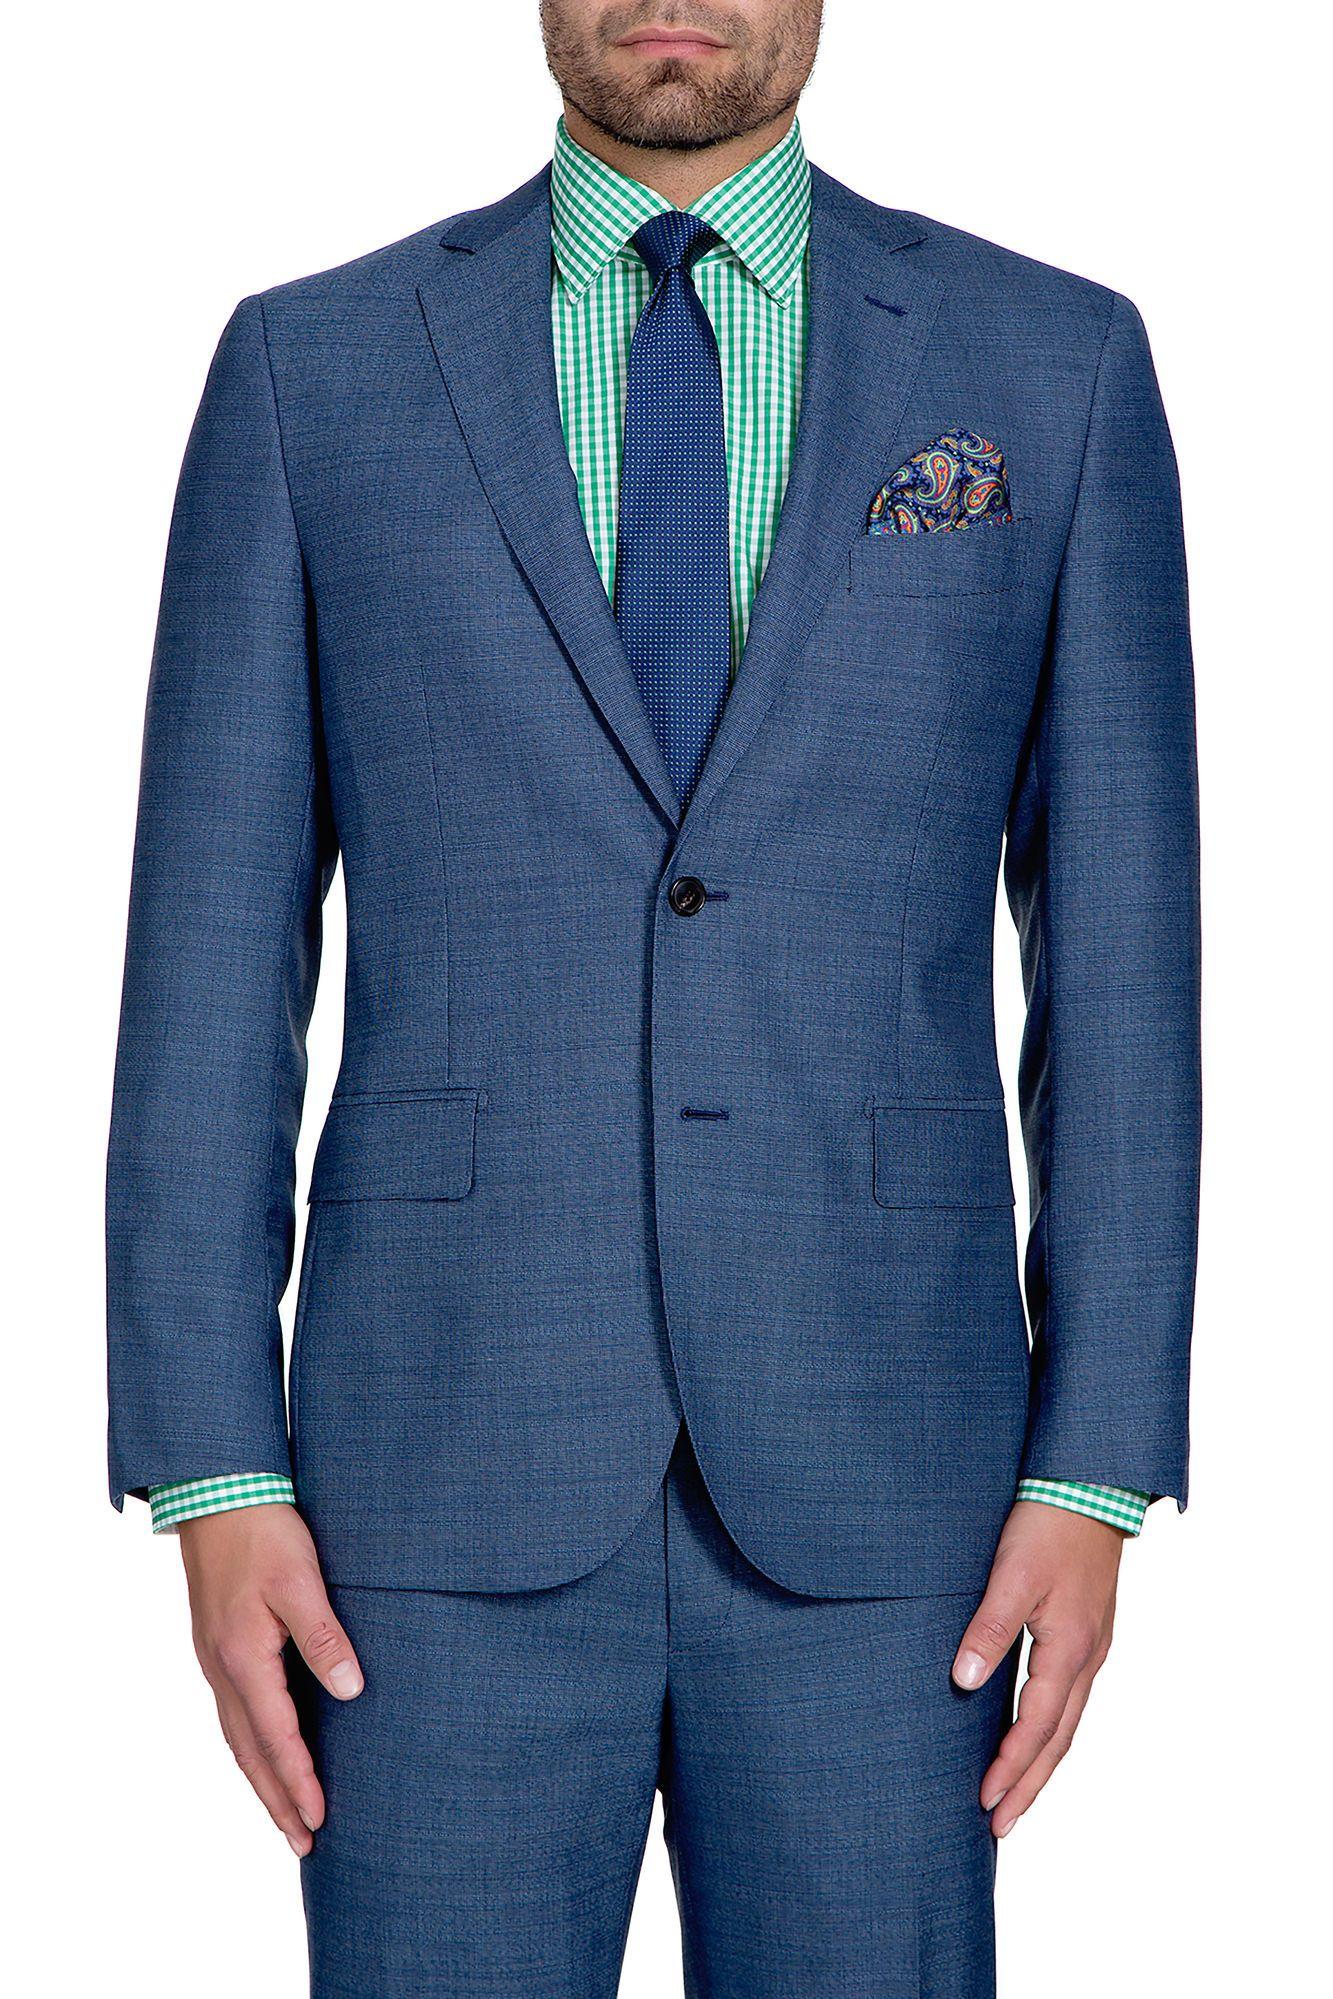 Dollfus Blue Suit, | Suits | Pinterest | Mens suits